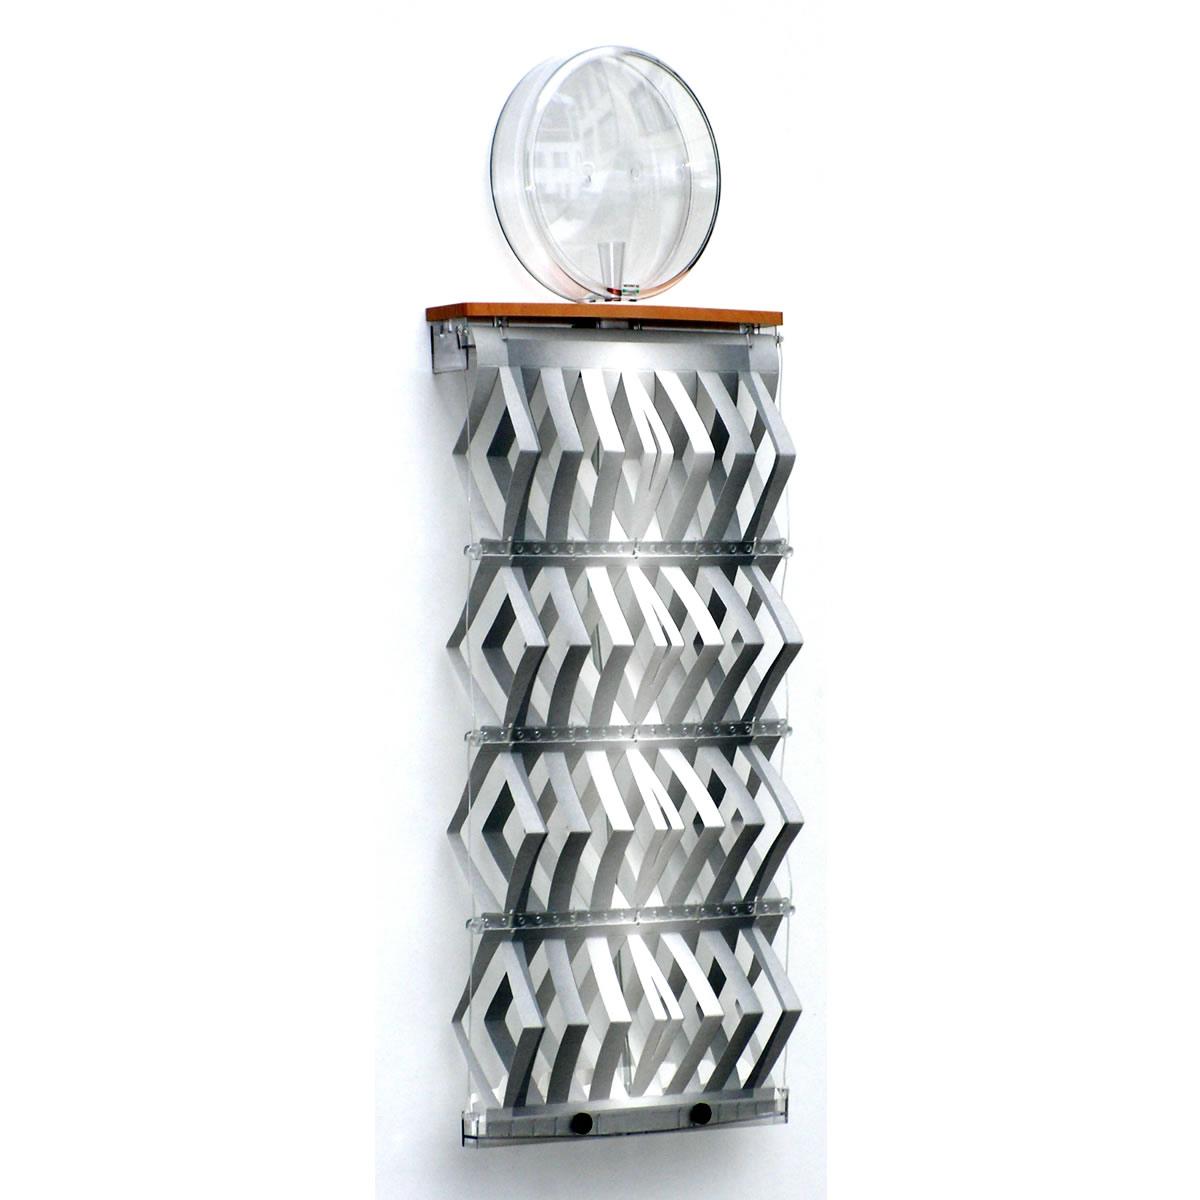 Komplettger t metall luftbefeuchter stromlos - Humidificateur pour radiateur ...